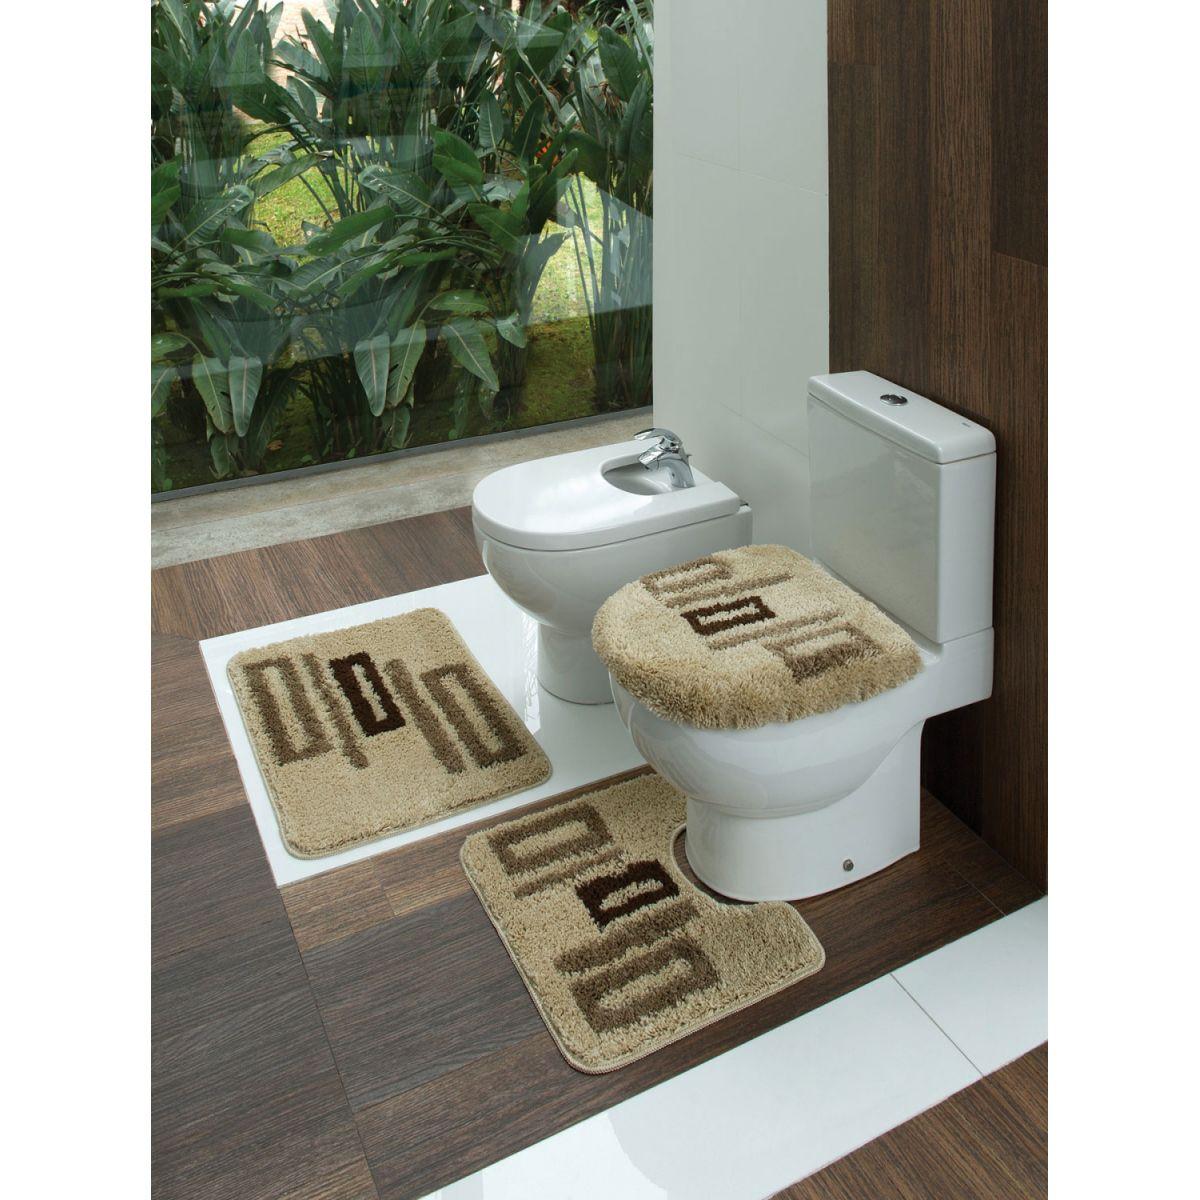 Jogo De Tapete Jolitex Para Cozinha Kit De Tapetes Para Jongose  #7B6F50 1200x1200 Balança De Banheiro Na Lojas Americanas